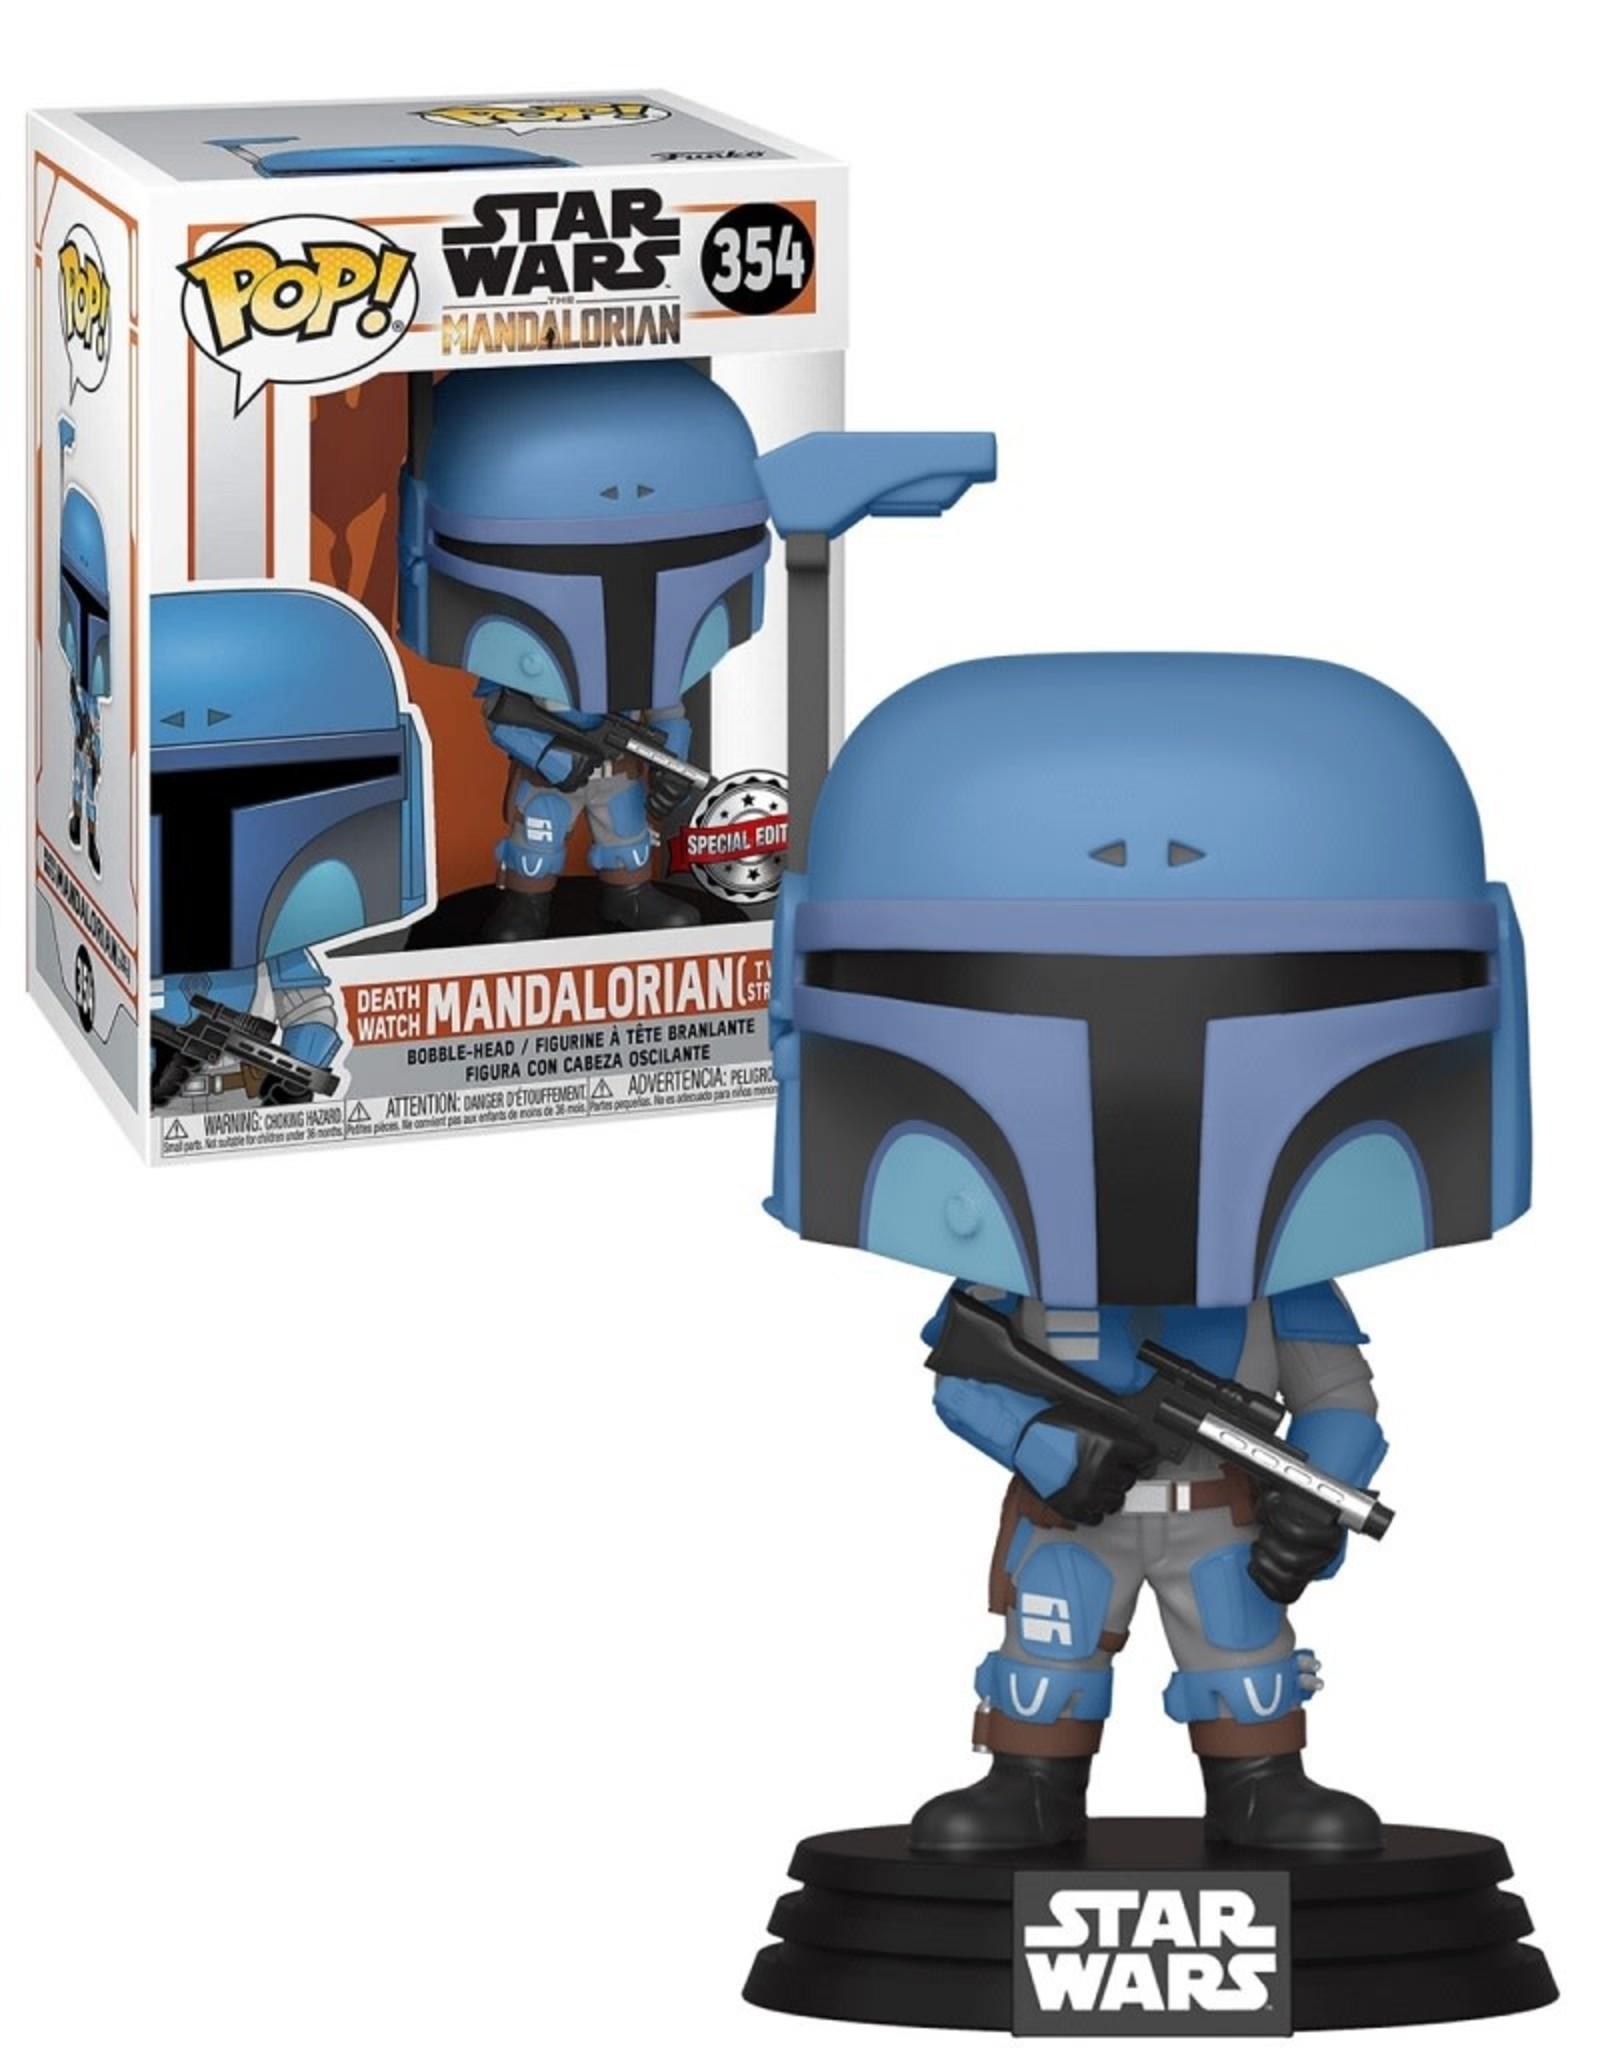 Star Wars 354 ( Funko Pop ) Mandalorian